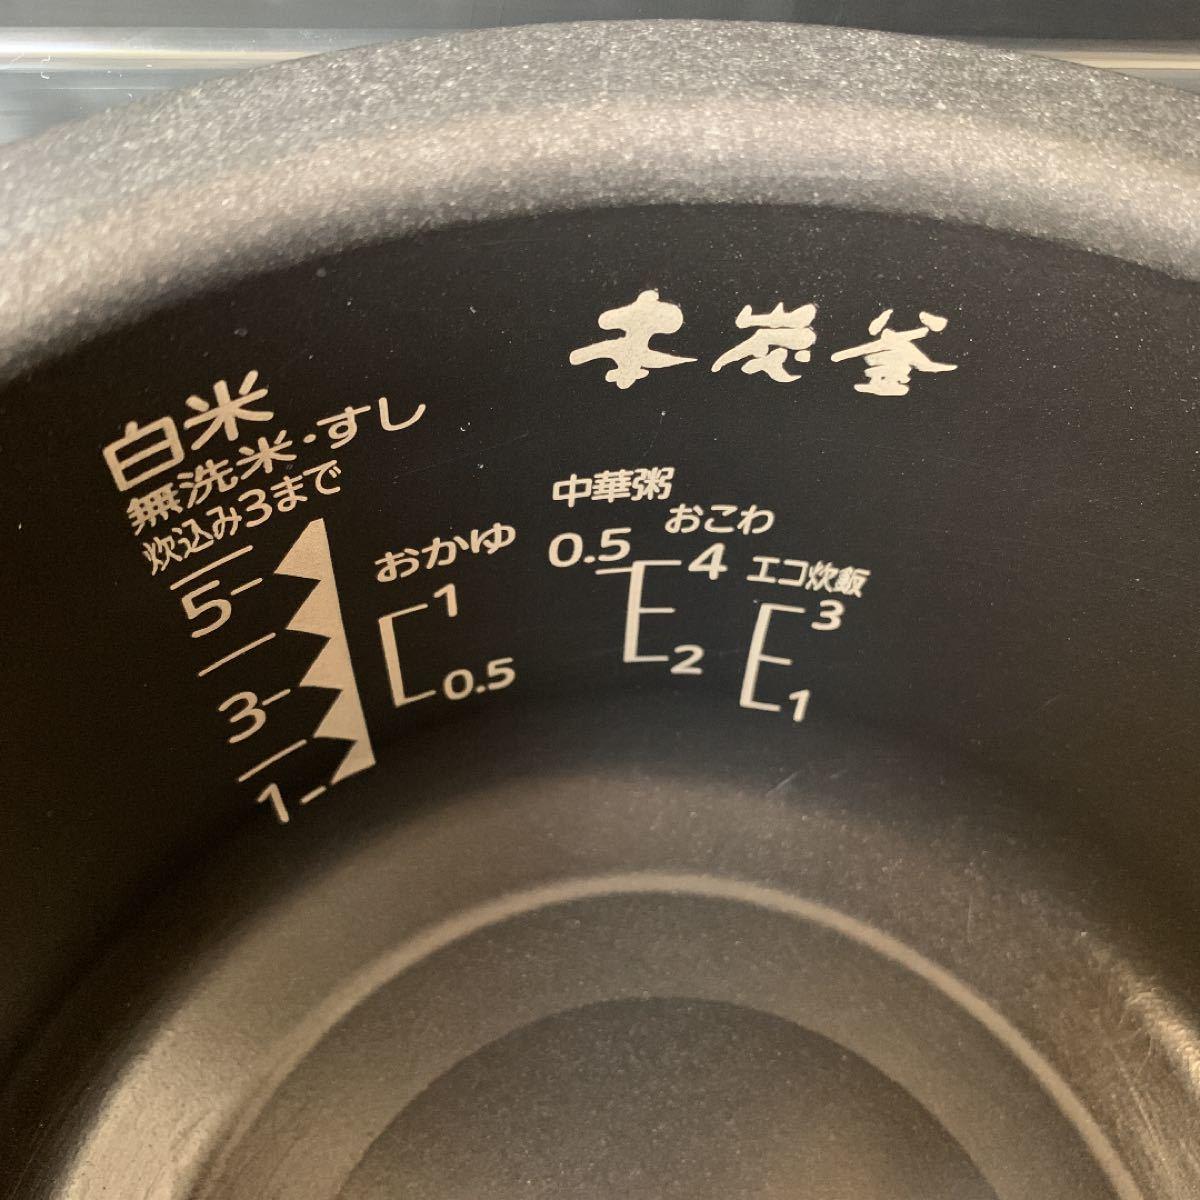 三菱電機 IH★本炭釜★蒸気レス 炊飯器 5.5合炊き